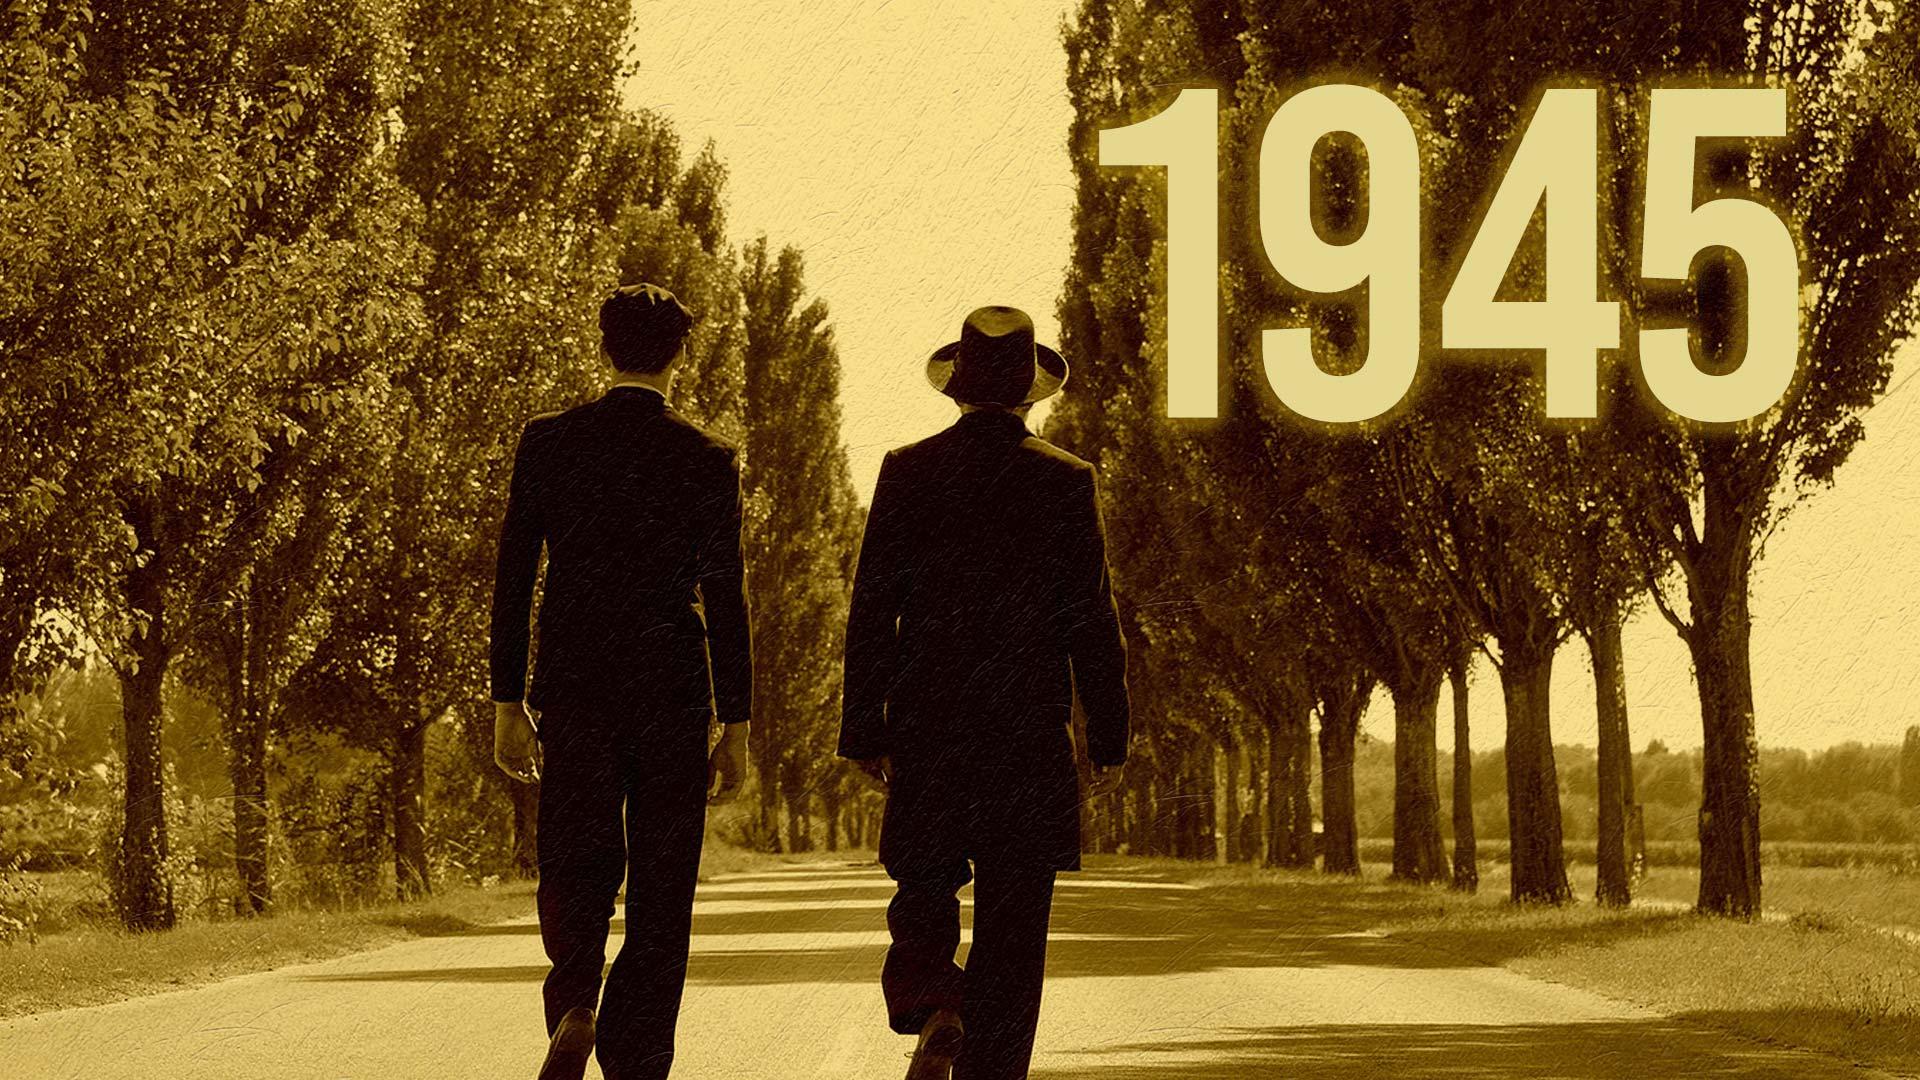 1945 - image